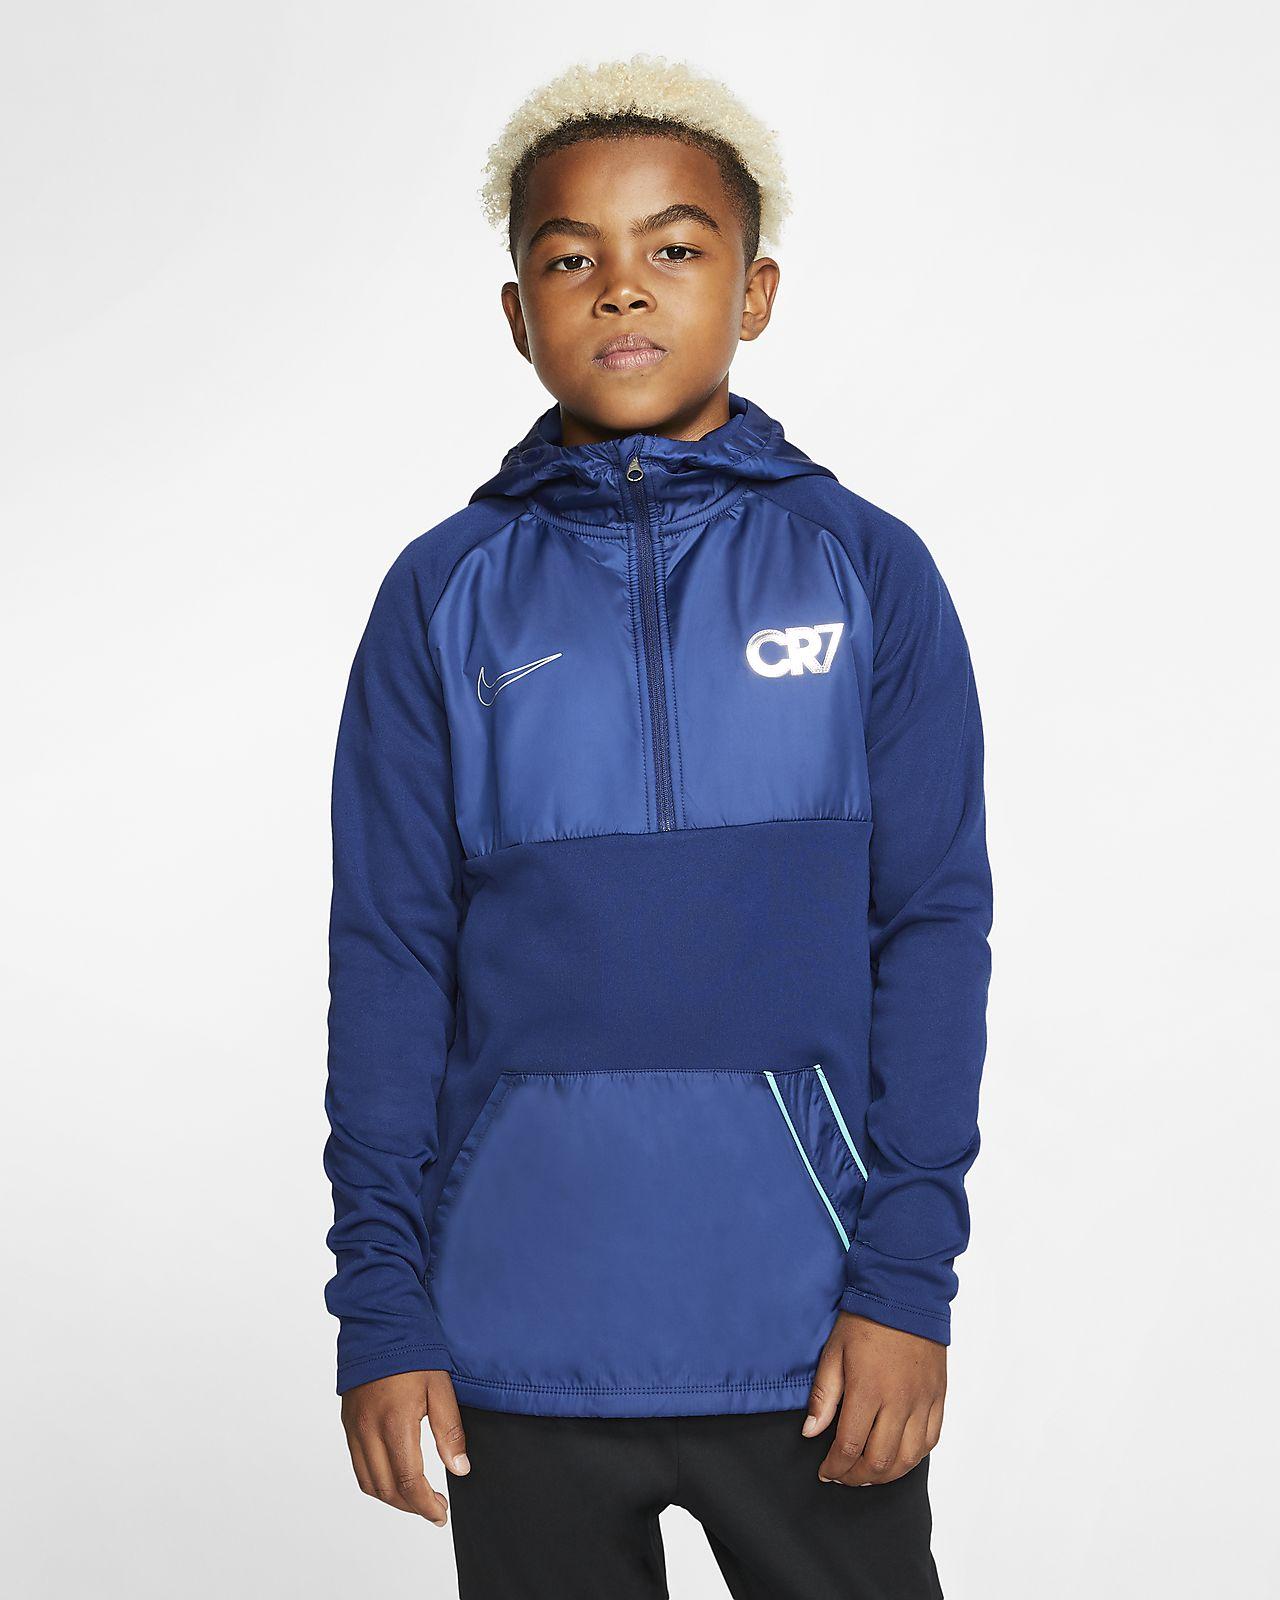 Ποδοσφαιρική μπλούζα προπόνησης με κουκούλα Nike Dri-FIT Repel CR7 για μεγάλα παιδιά